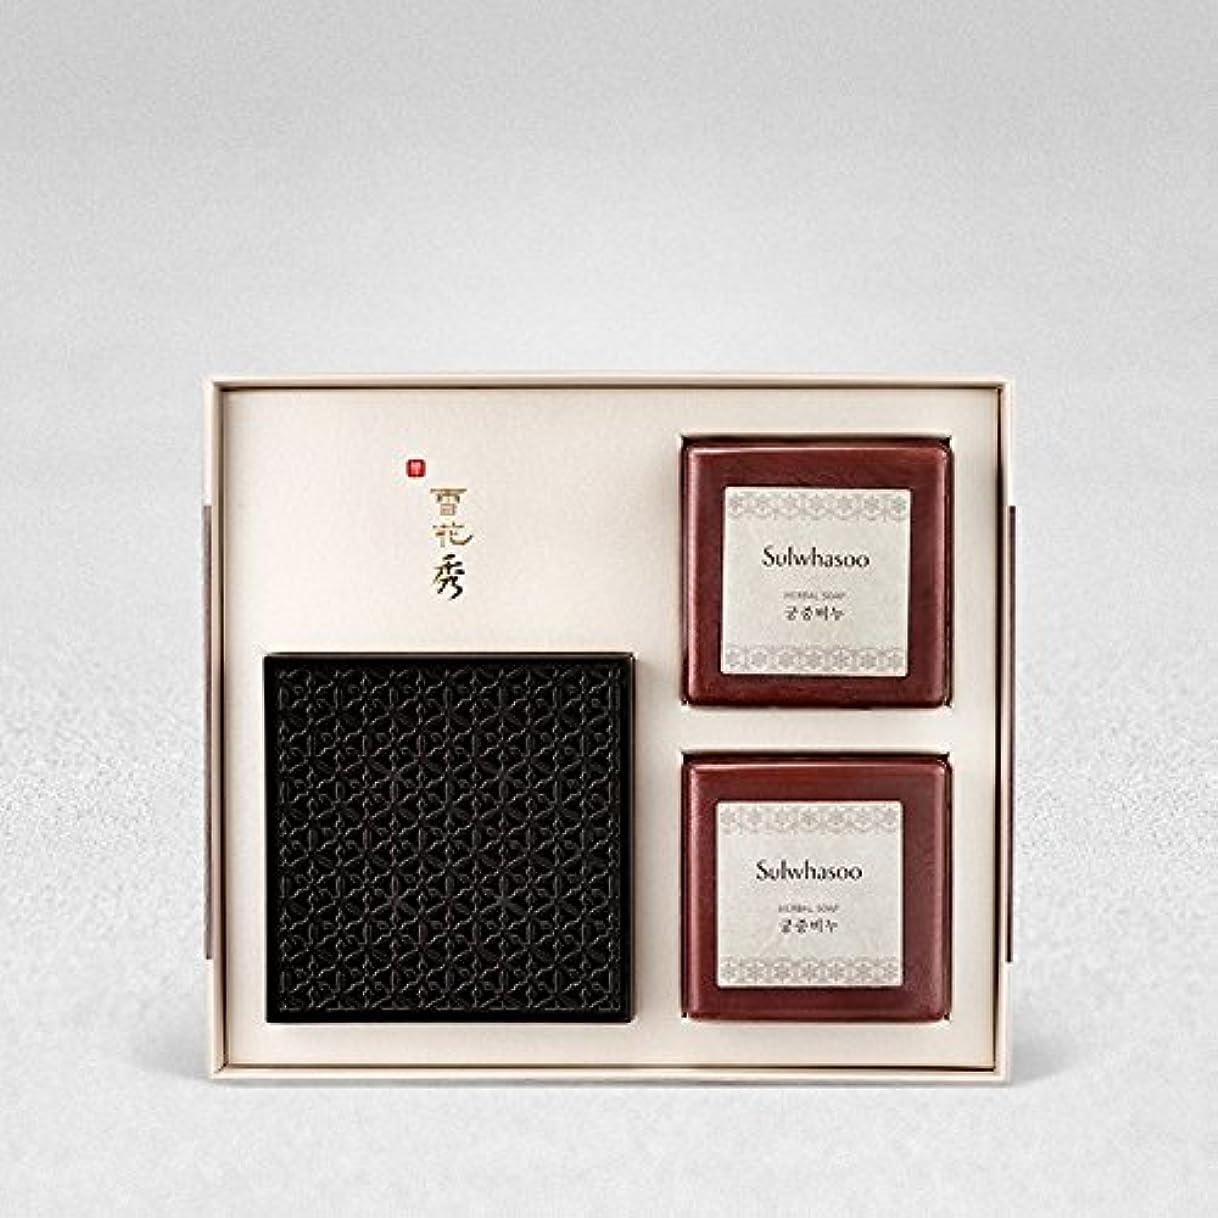 トースト受け入れる大学Sulwhasoo Goong-Joong Soap 100gx2ea K-beauty[並行輸入品]